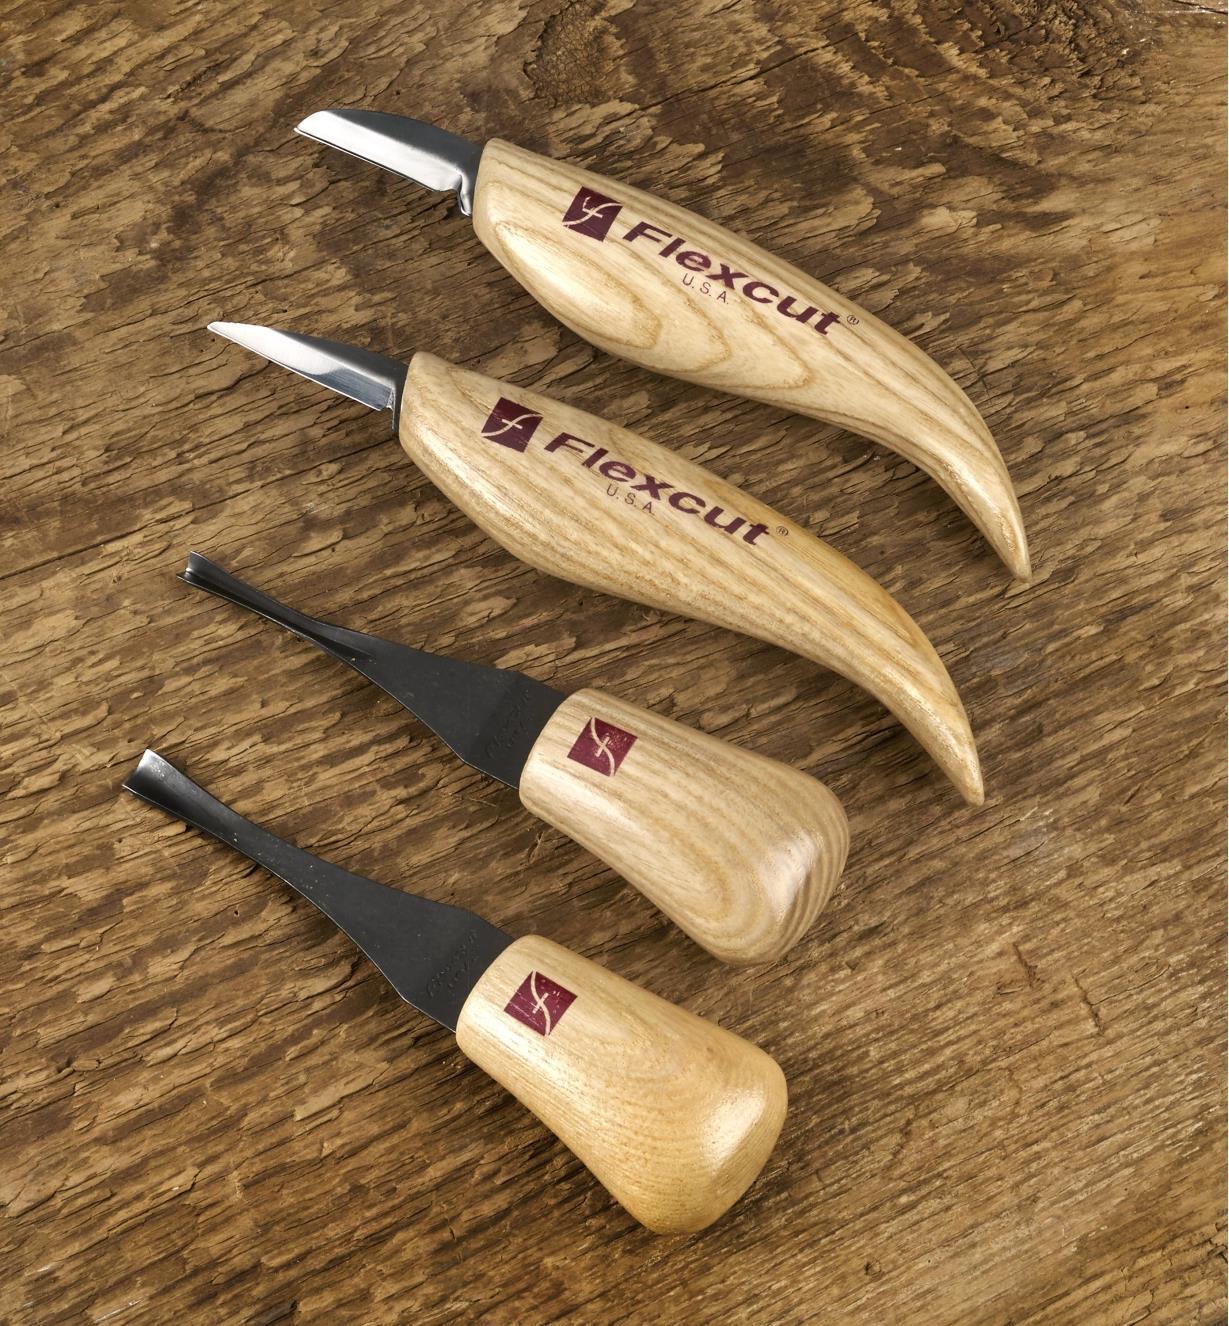 99W8647 - Jeu de 4 outils de sculpture Flexcut